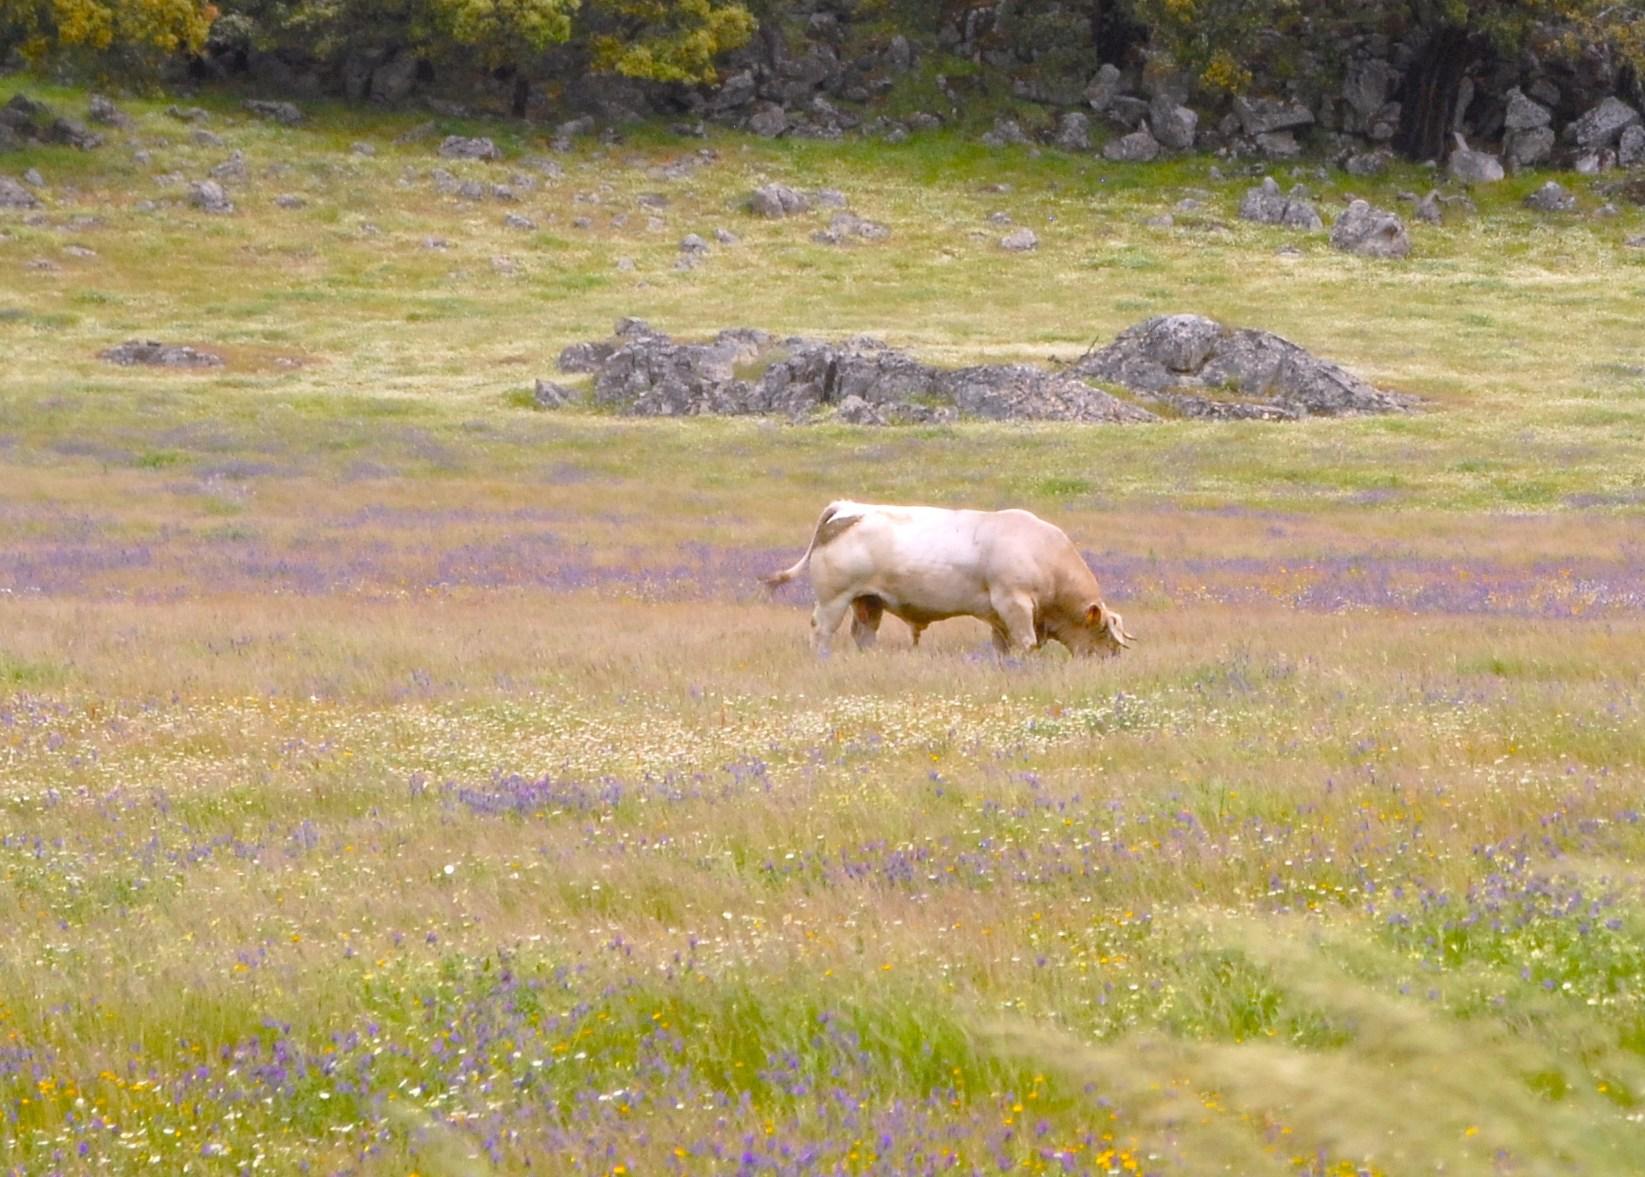 visita a la ganadería el capriolo